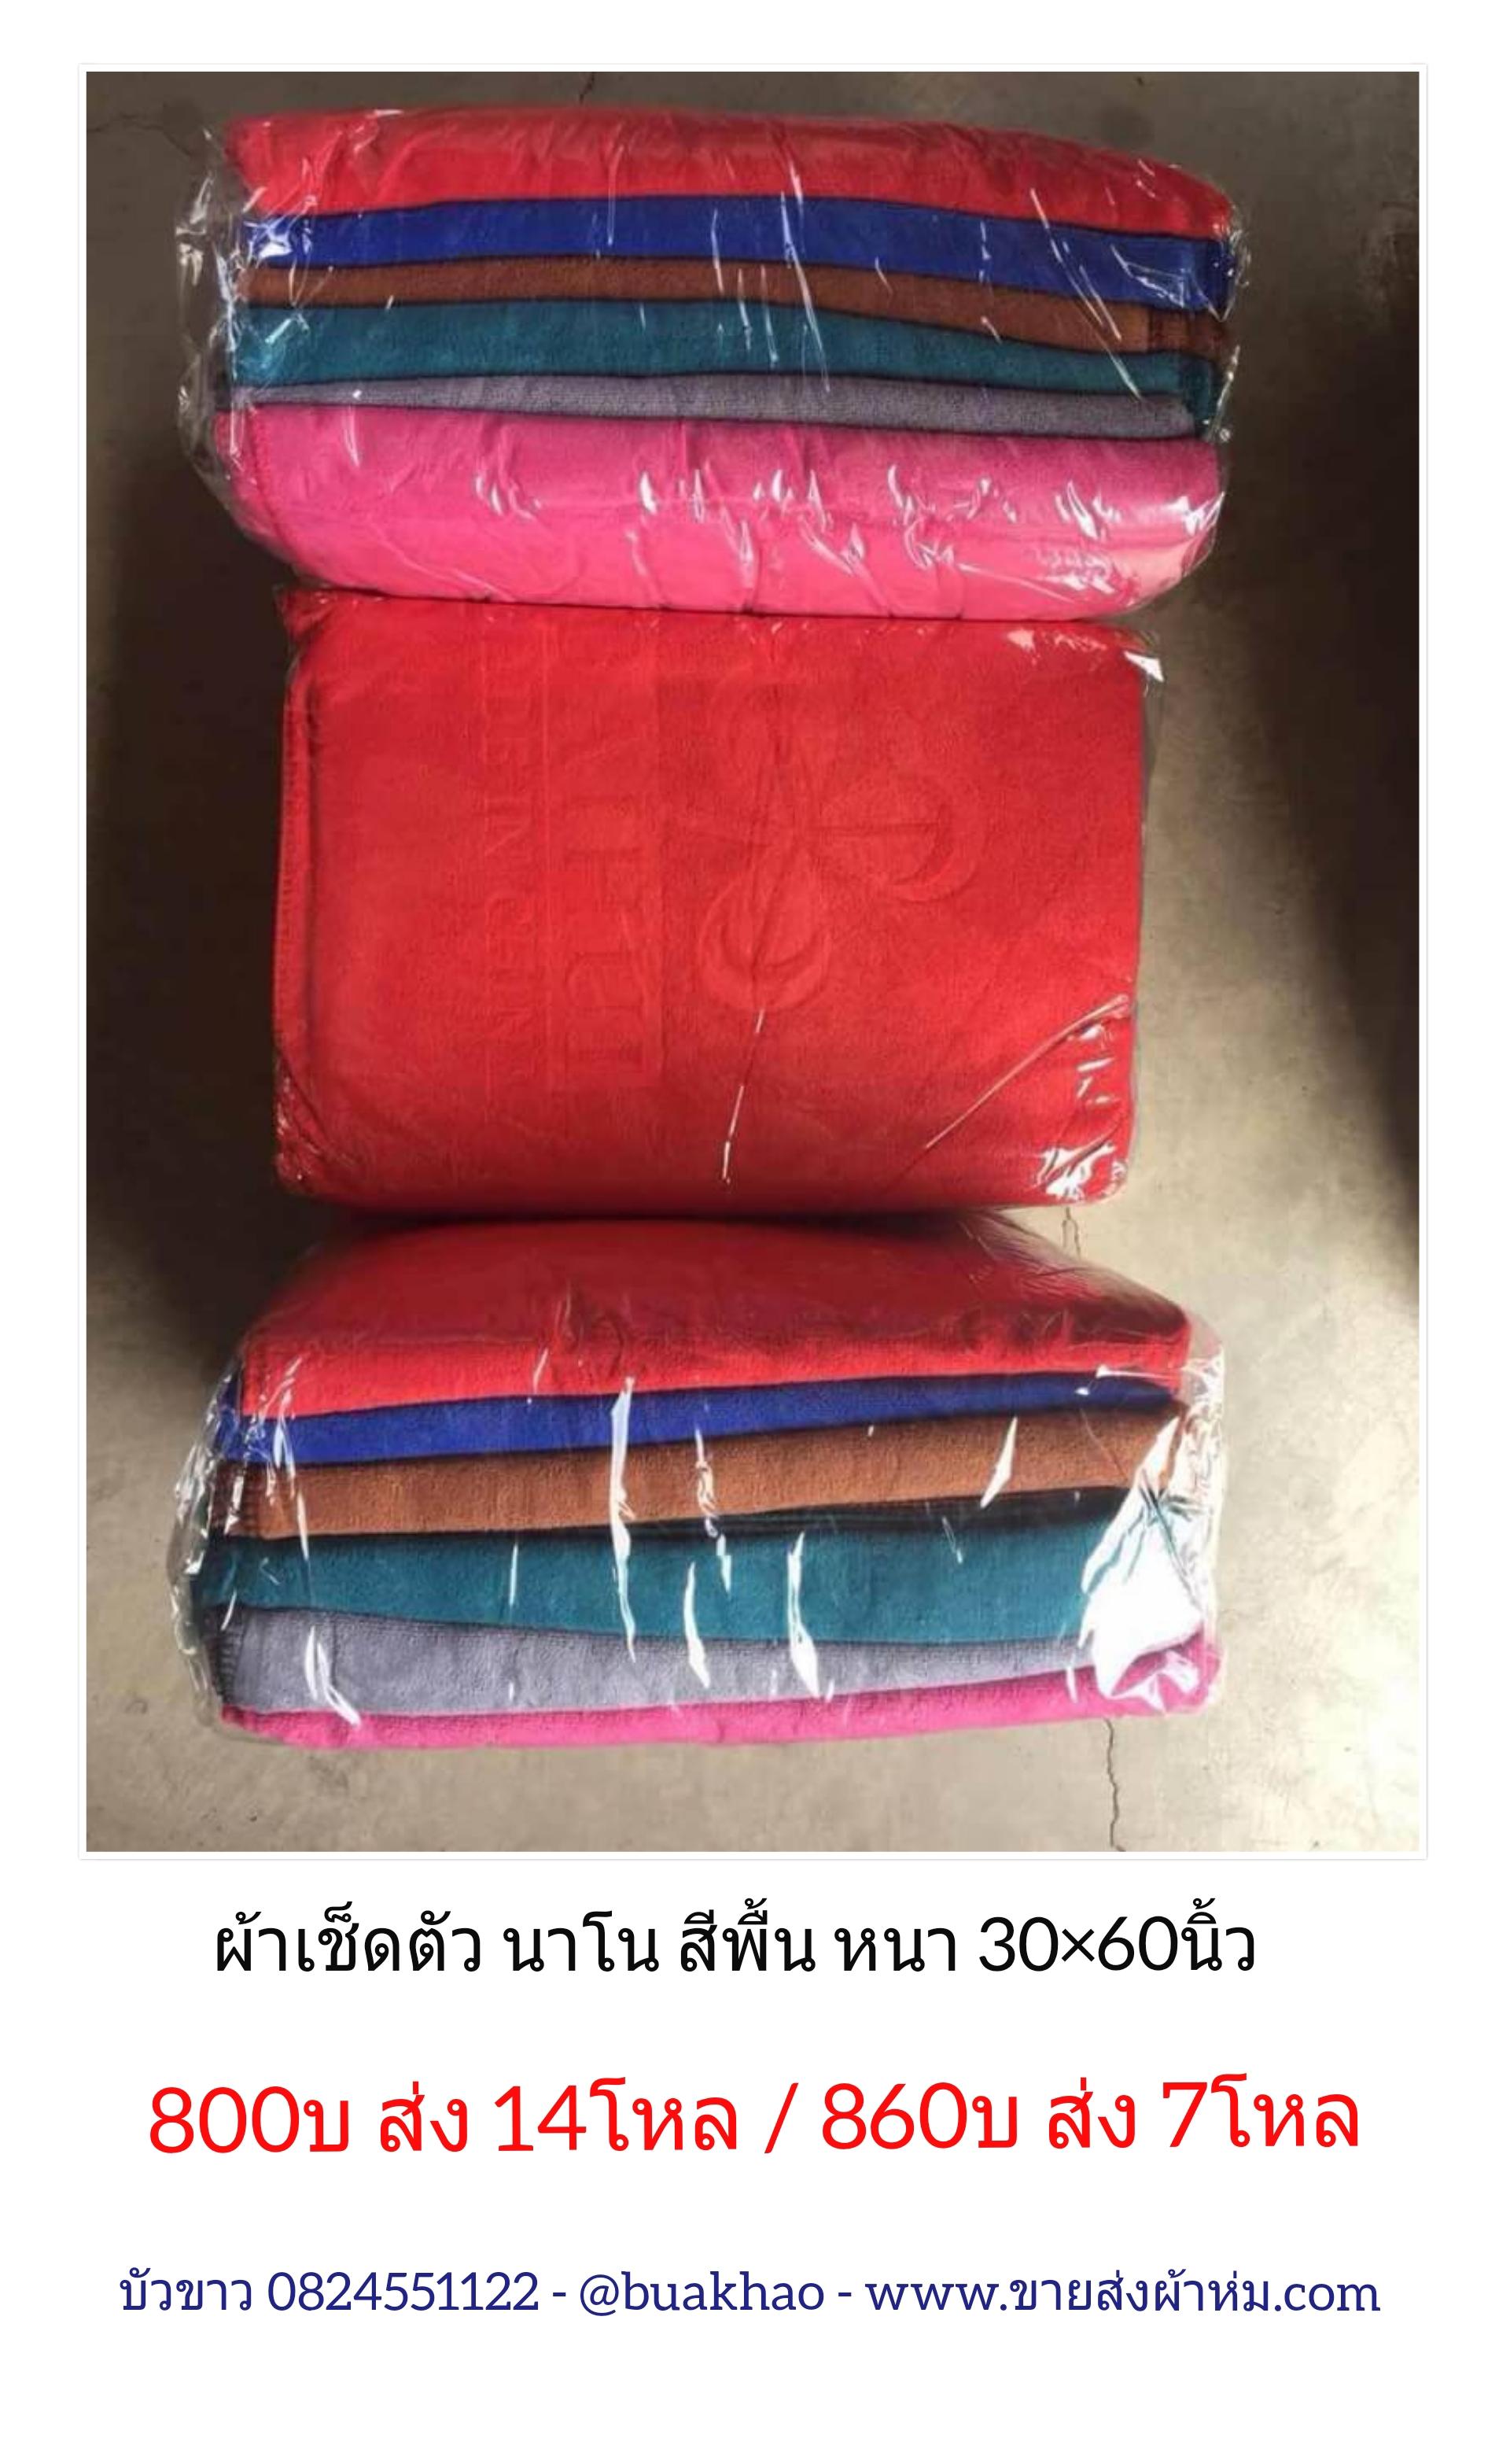 ผ้าเช็ดตัวนาโน สีพื้น หนา 30*60นิ้ว โหลละ 800บ ส่ง 14โหล